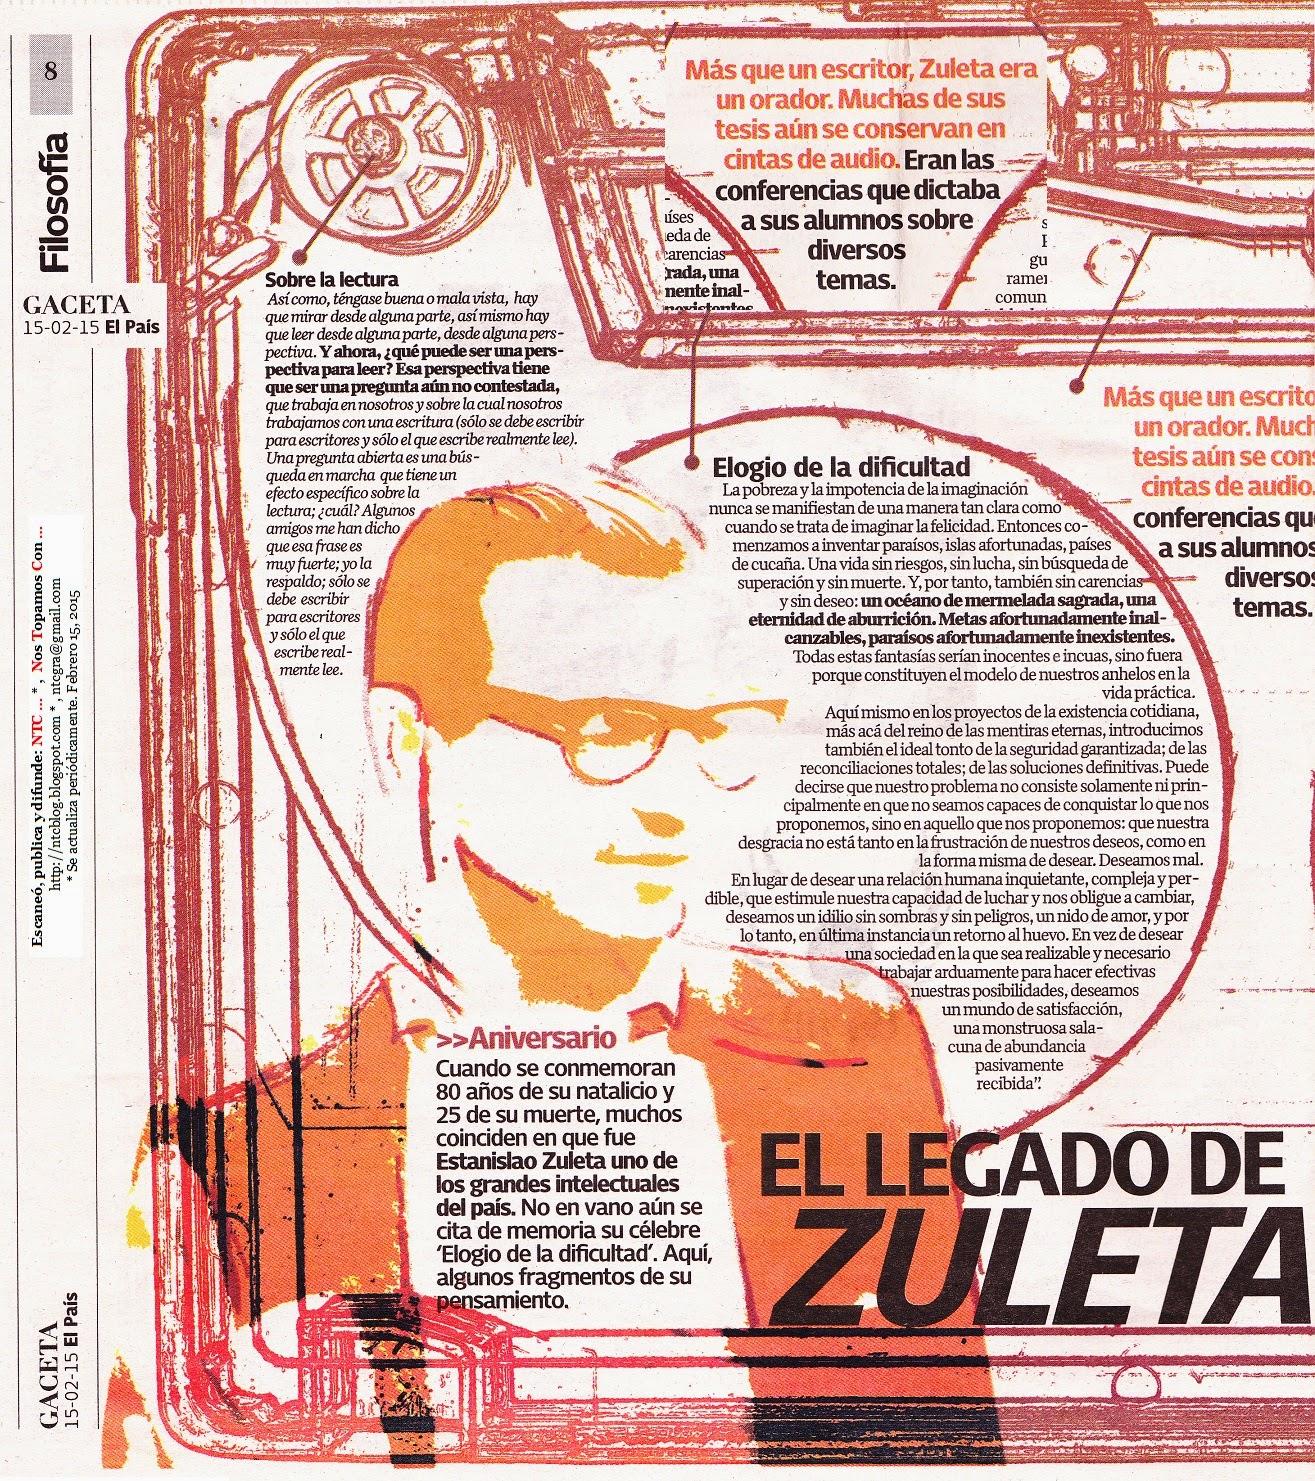 Ver PDF: Sobre la lectura, Estanislao Zuleta - Inicio